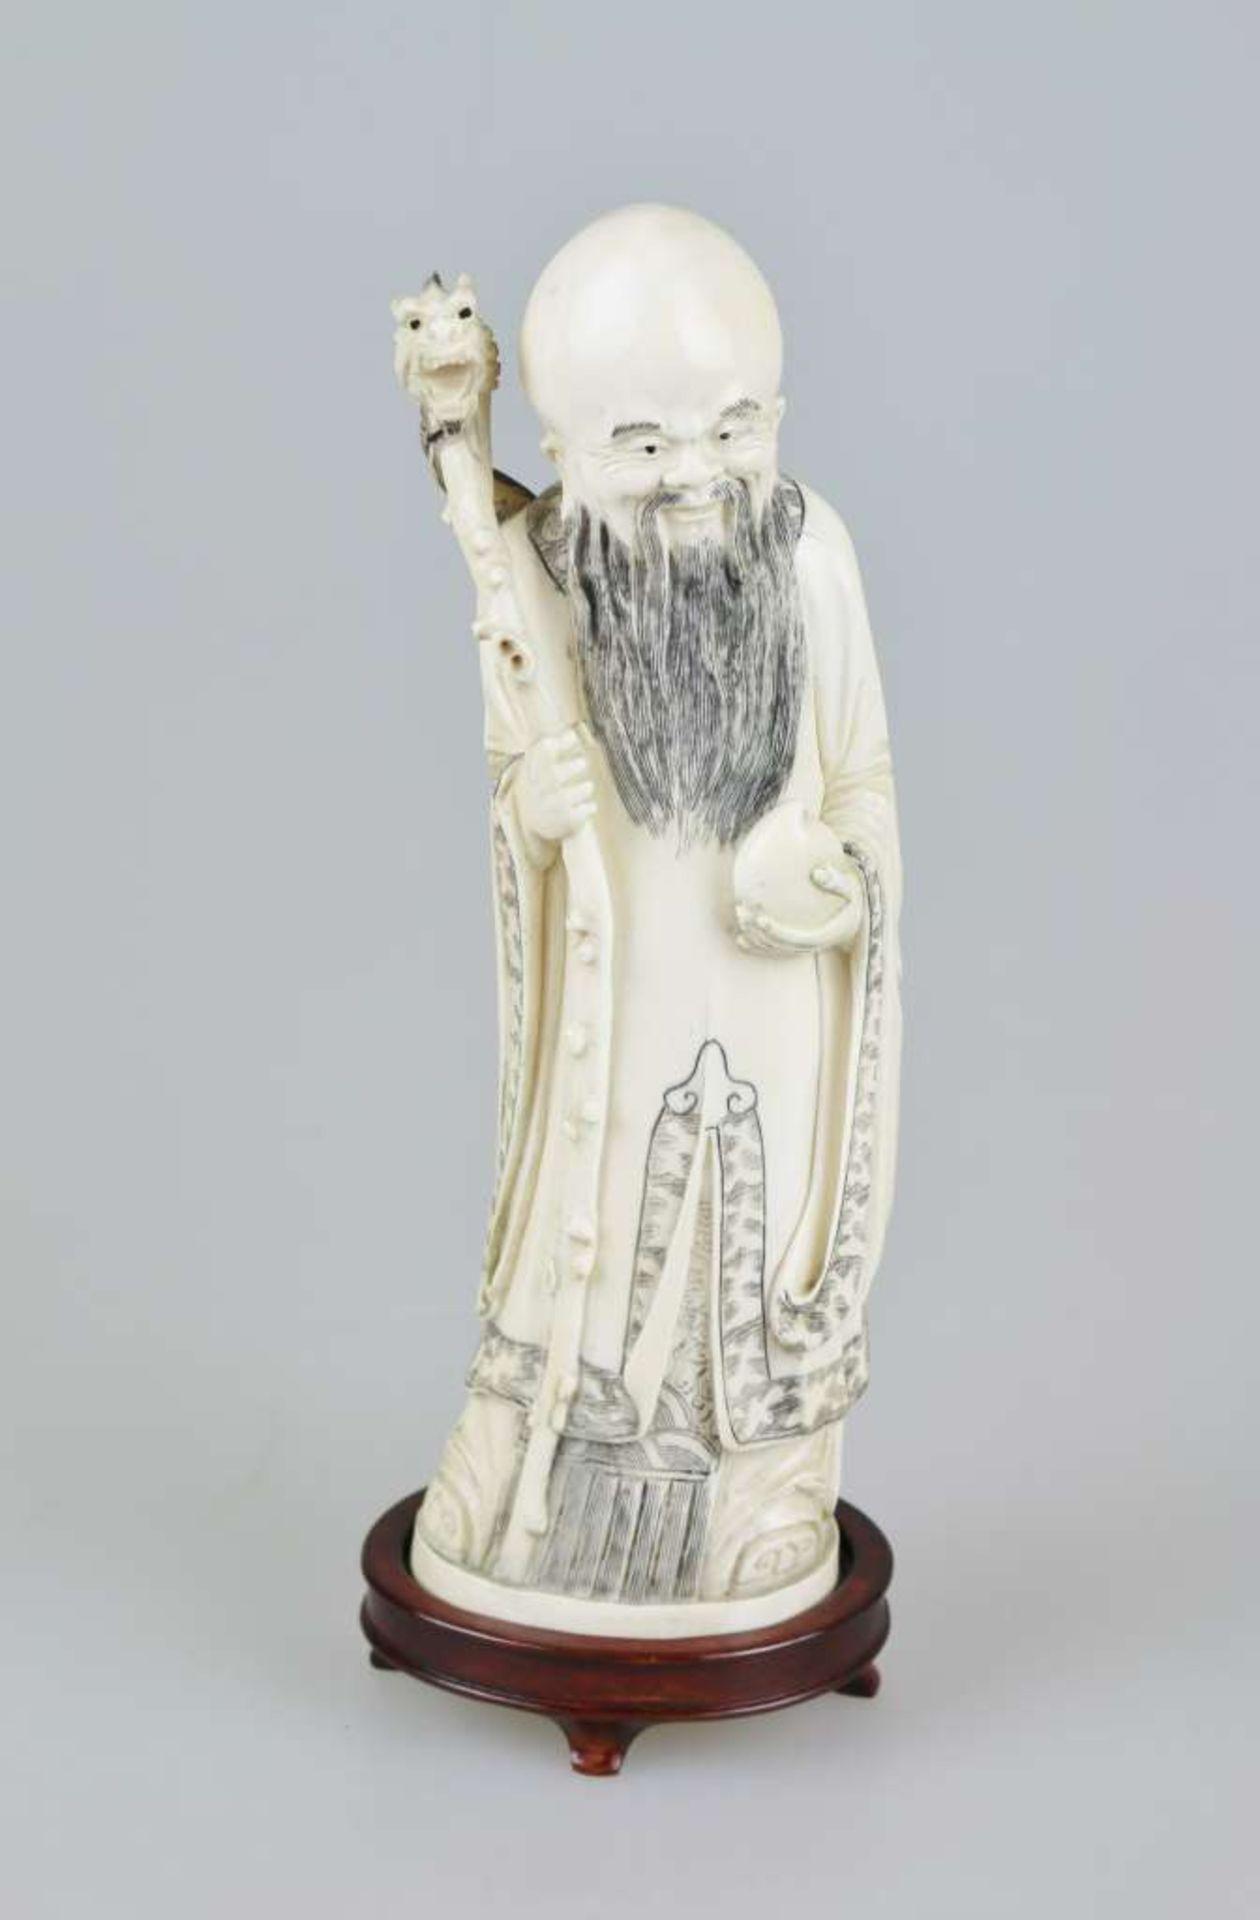 Eine große Elfenbeinschnitzerei von SHOU XING, Gott der Langlebigkeit, fein geschnitzt, auf ei